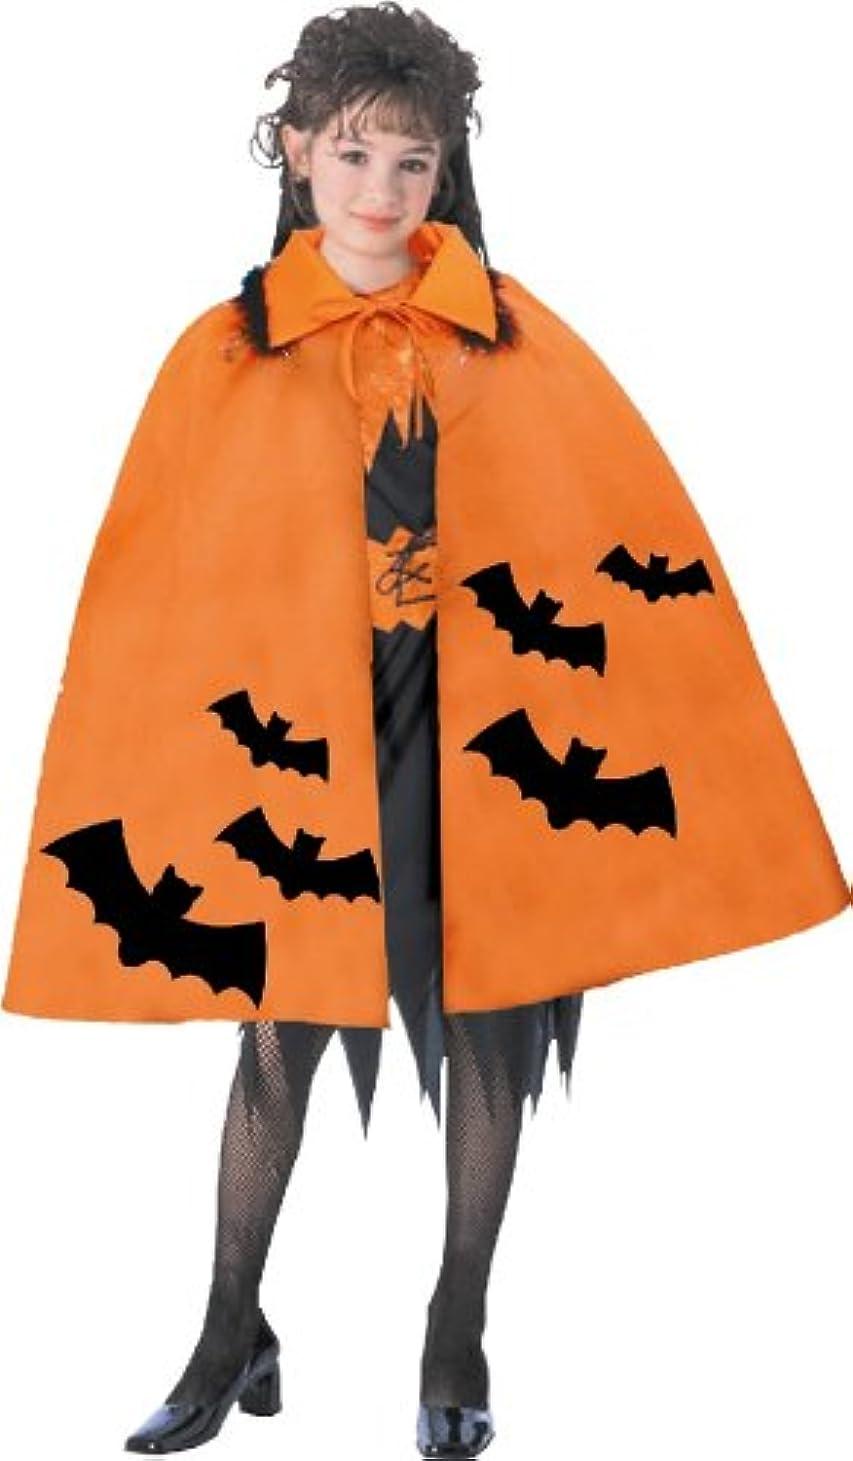 無法者療法違反バットケープ コスチューム用小物 オレンジ 男女共用 丈75cm